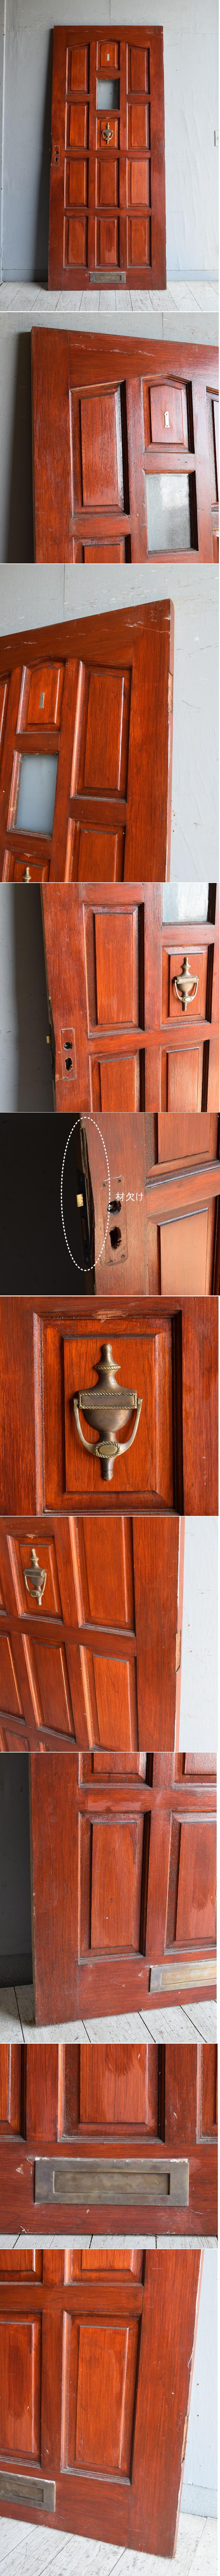 イギリス アンティーク ガラス入りドア 扉 建具 8829